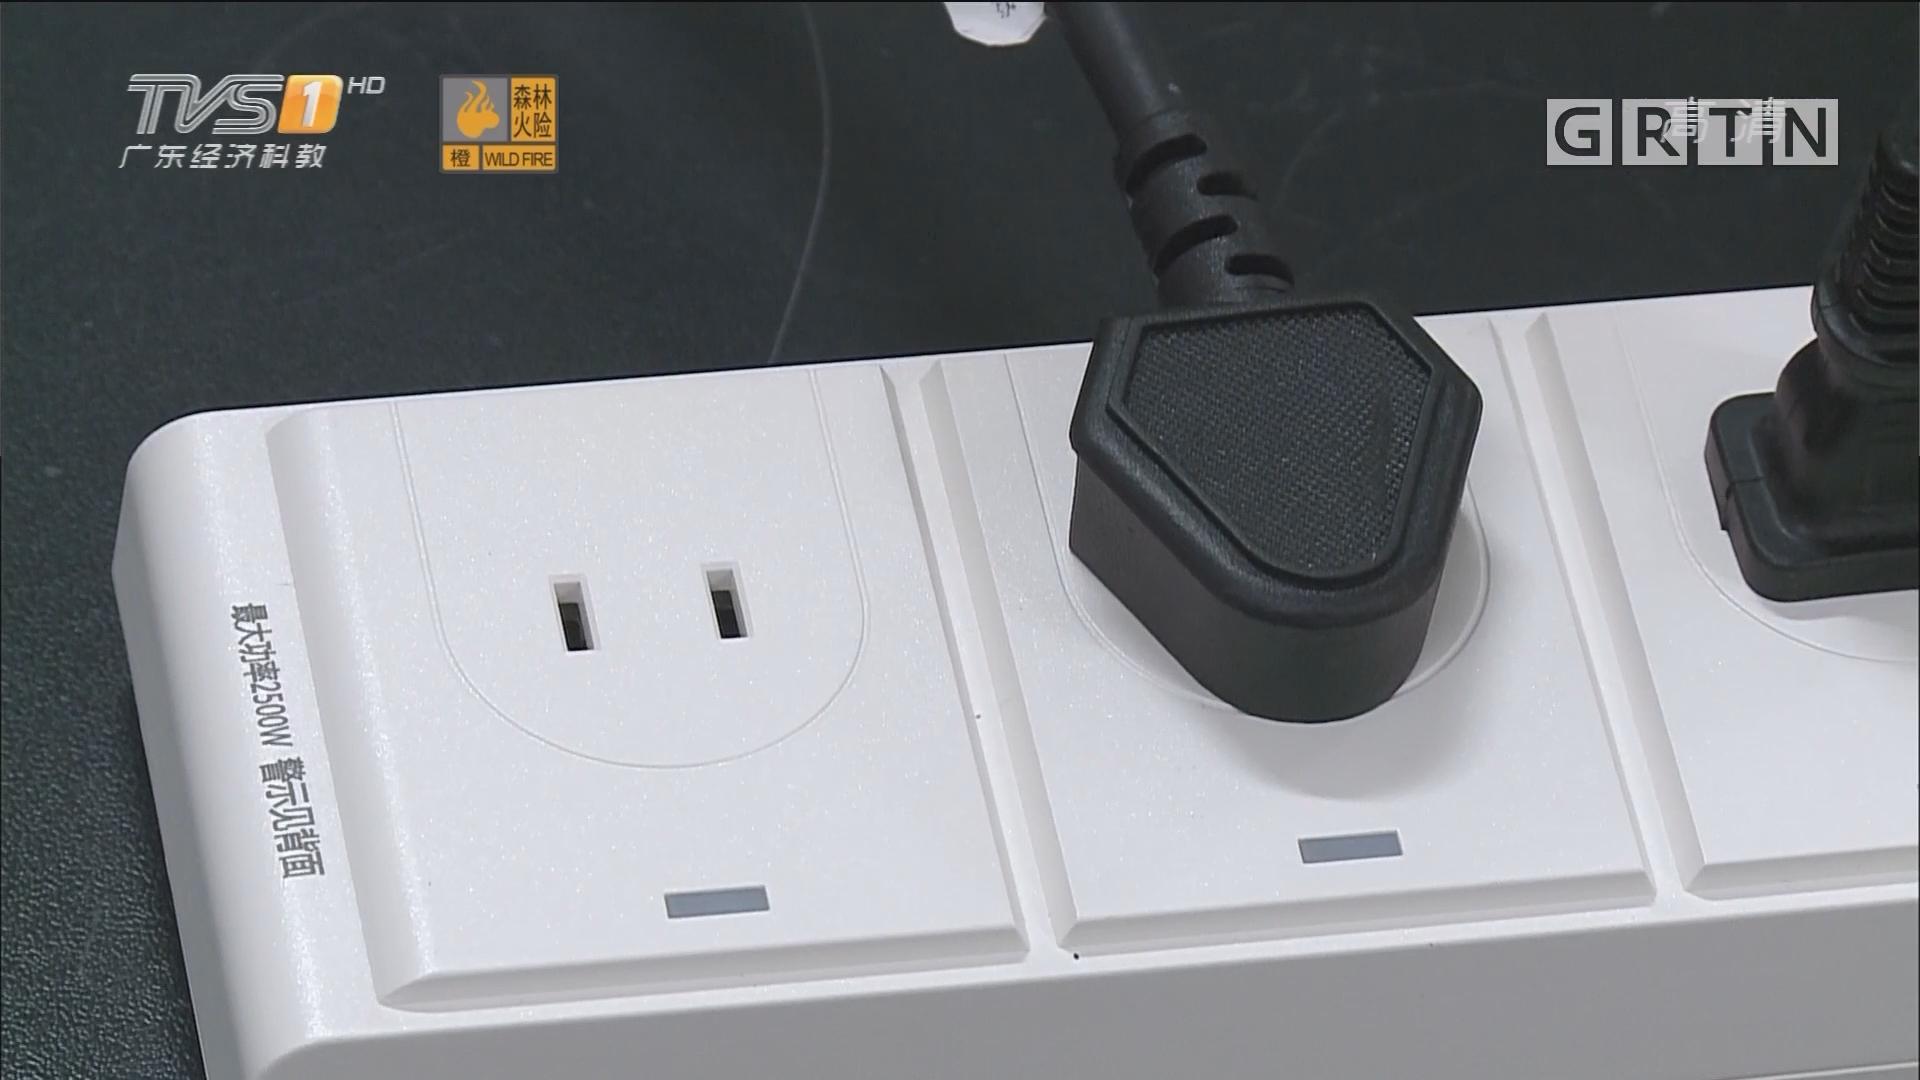 质量安全广东行:小标识大关怀(上) 广东8家接线板龙头生产企业发起召回活动